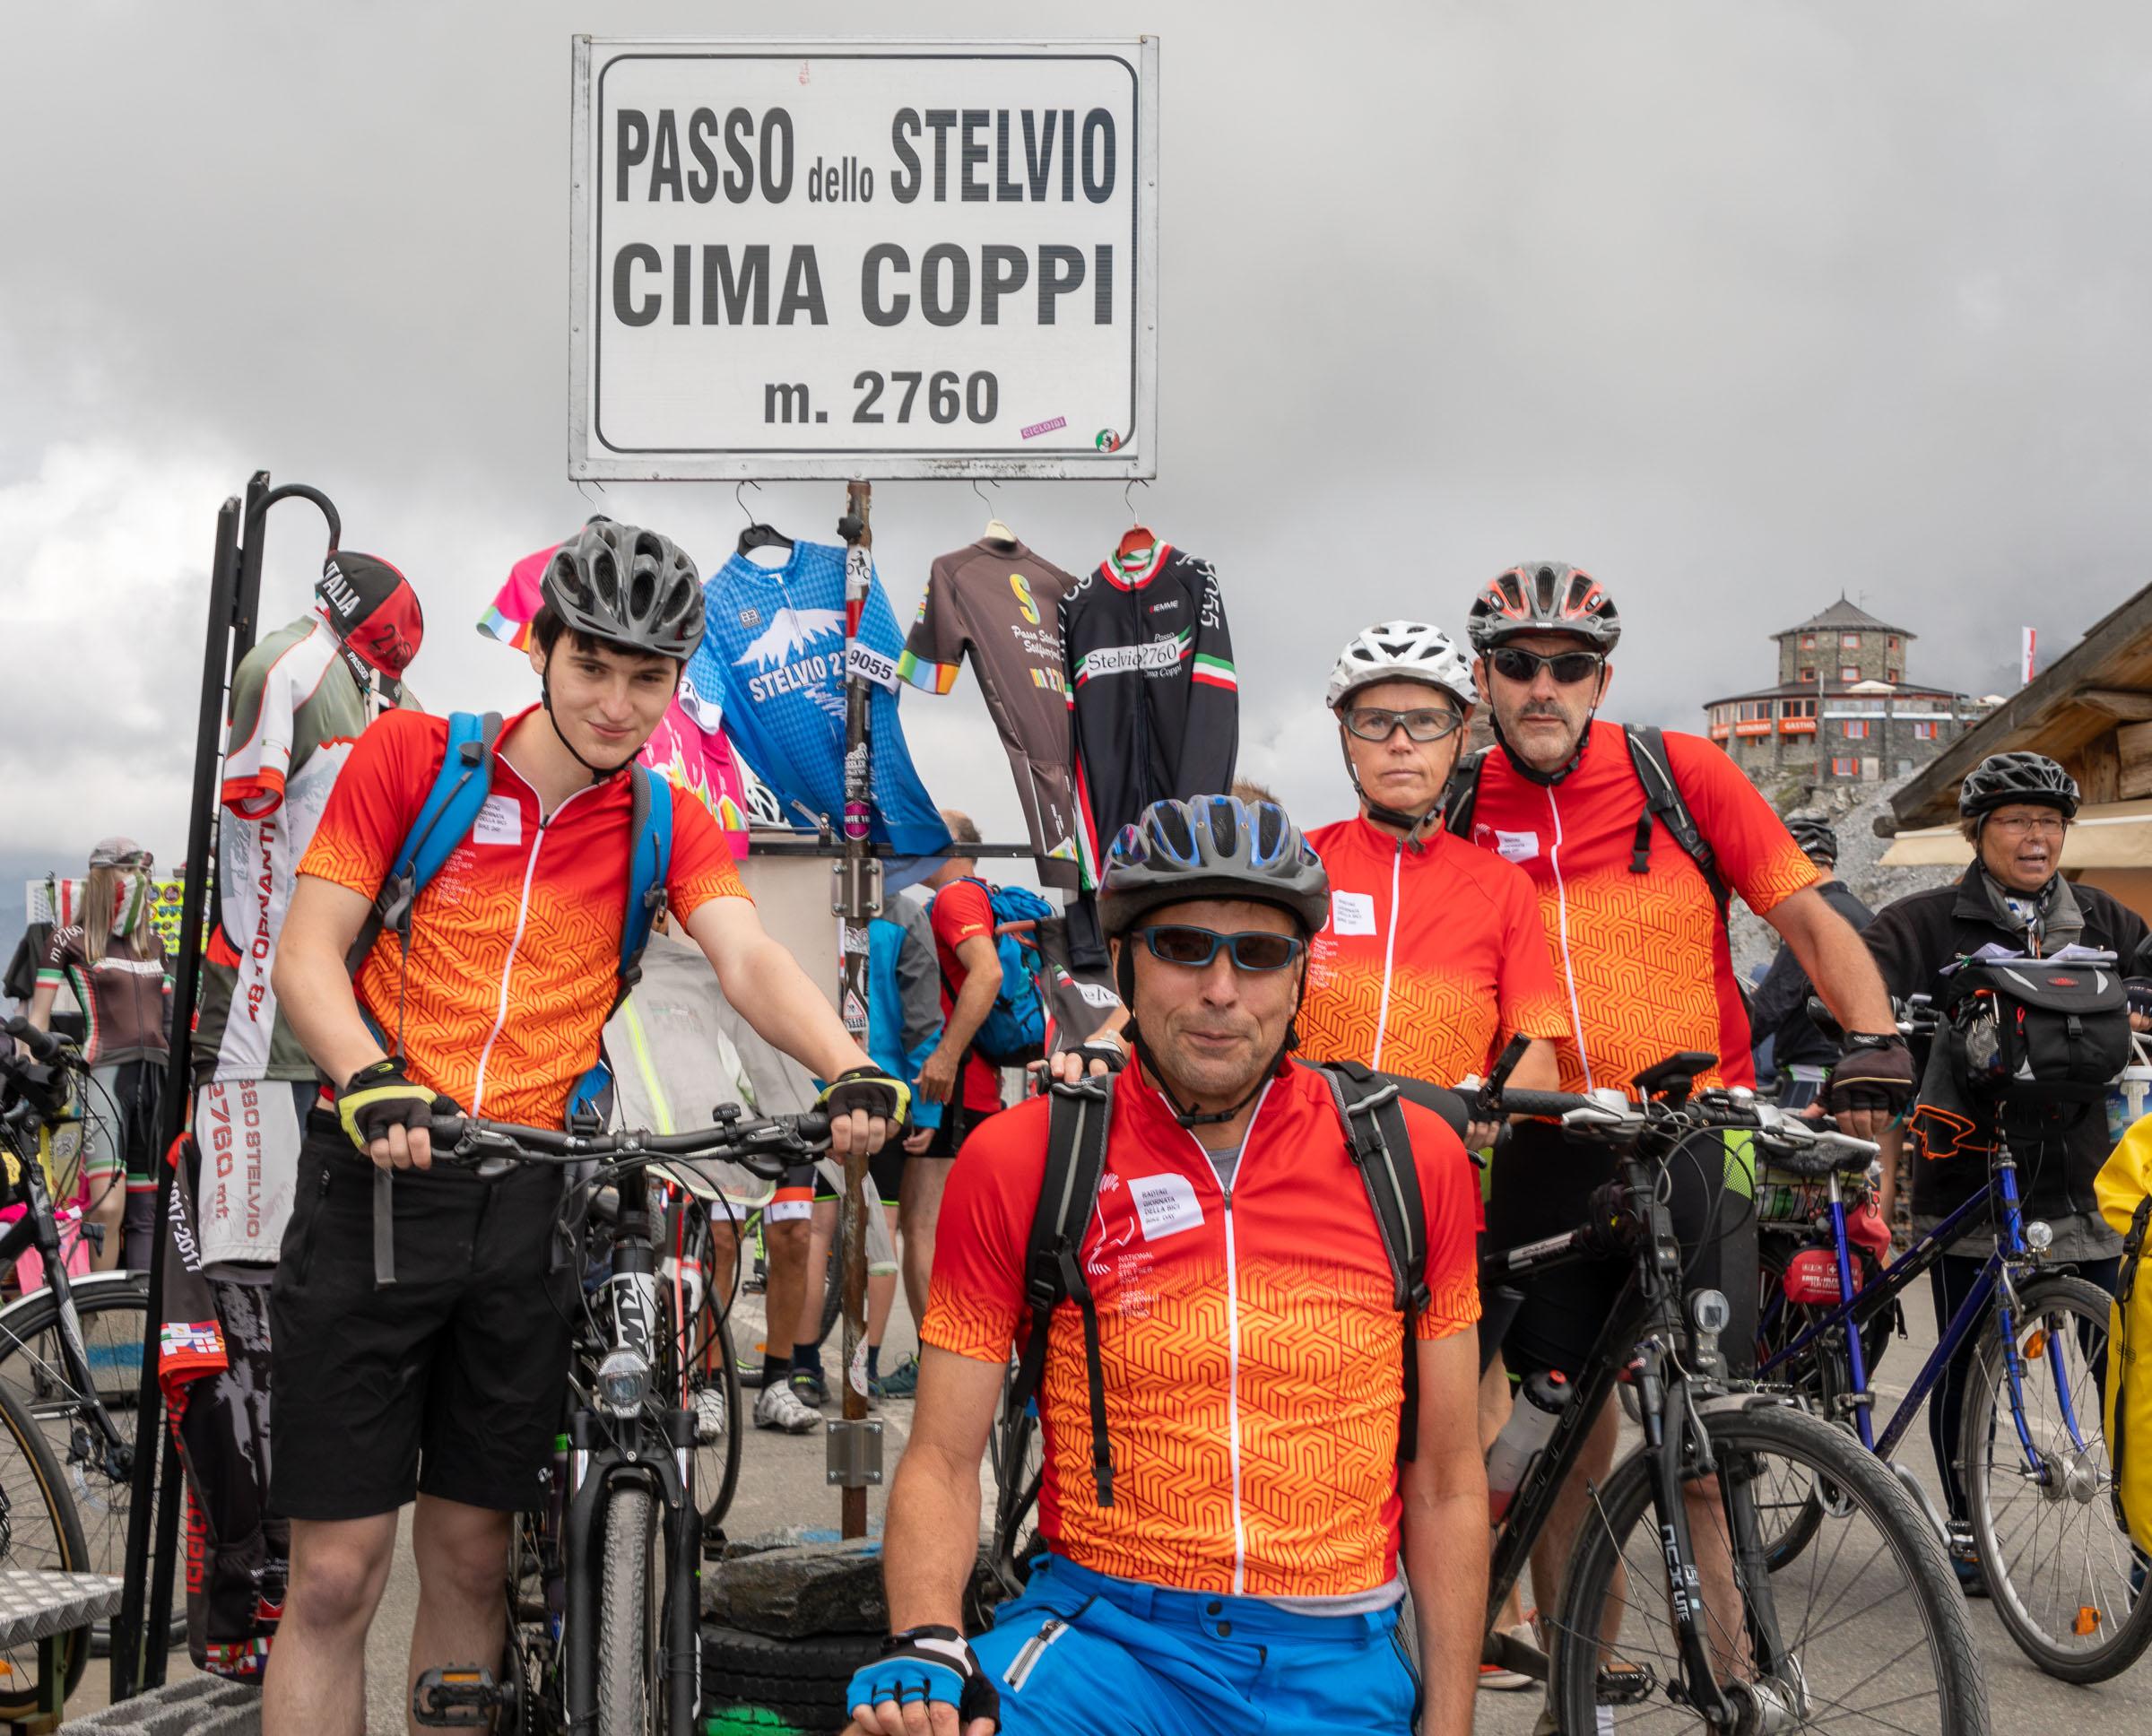 Video vom Bike-Day am Stilfser Joch